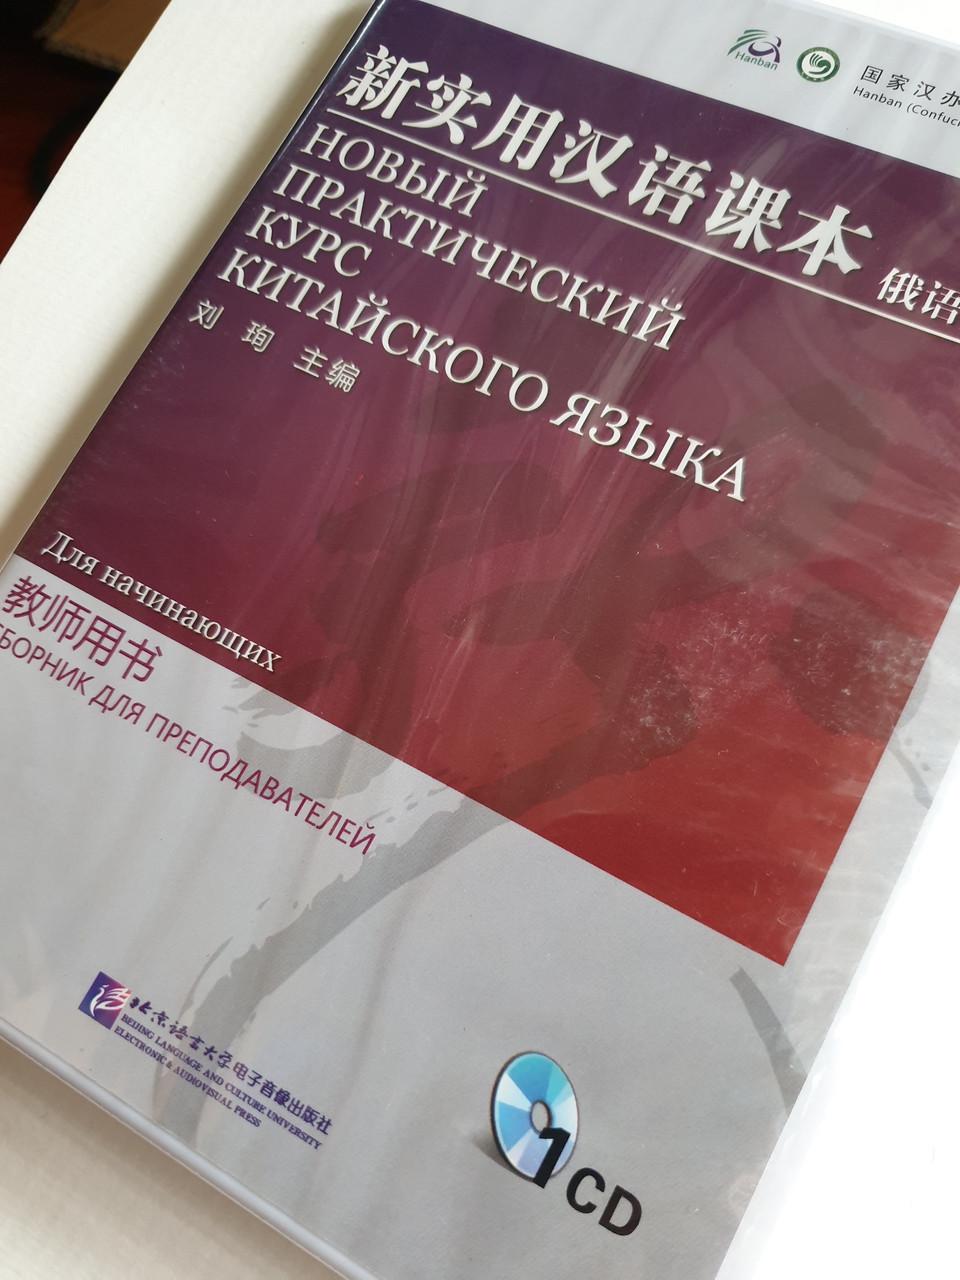 Новый практический курс китайского языка для начинающих. Аудиоматериалы к сборнику для преподавателей